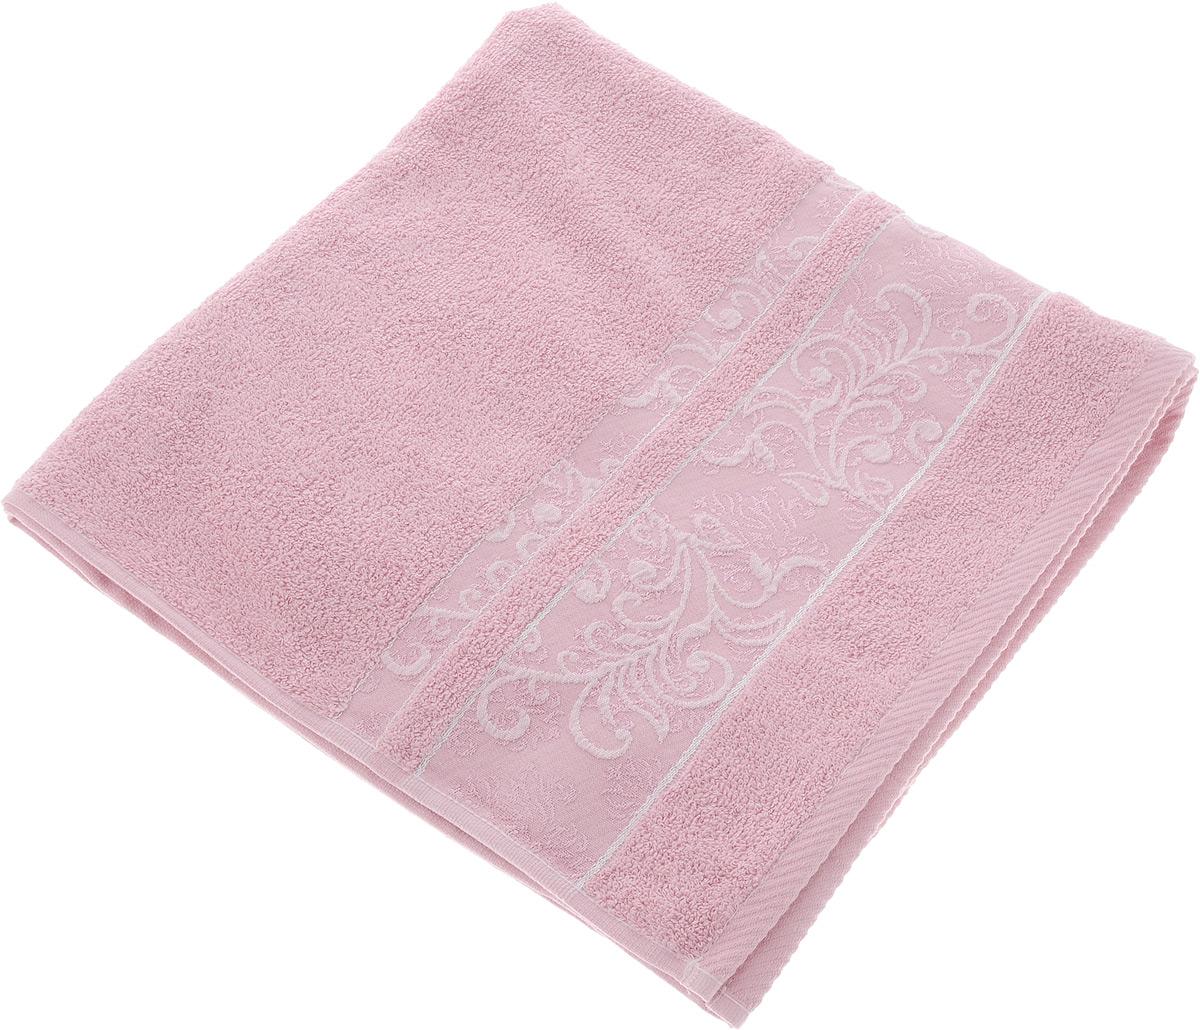 Полотенце Brielle Sarmasik, цвет: розовый, 70 х 140 см1206Полотенце Brielle Sarmasik выполнено из натурального хлопка. Изделие очень мягкое, оно отлично впитывает влагу, быстро сохнет, сохраняет яркость цвета и не теряет формы даже после многократных стирок. Модель оформлена узором. Полотенце Brielle Sarmasik очень практично и неприхотливо в уходе. Такое полотенце послужит приятным подарком.